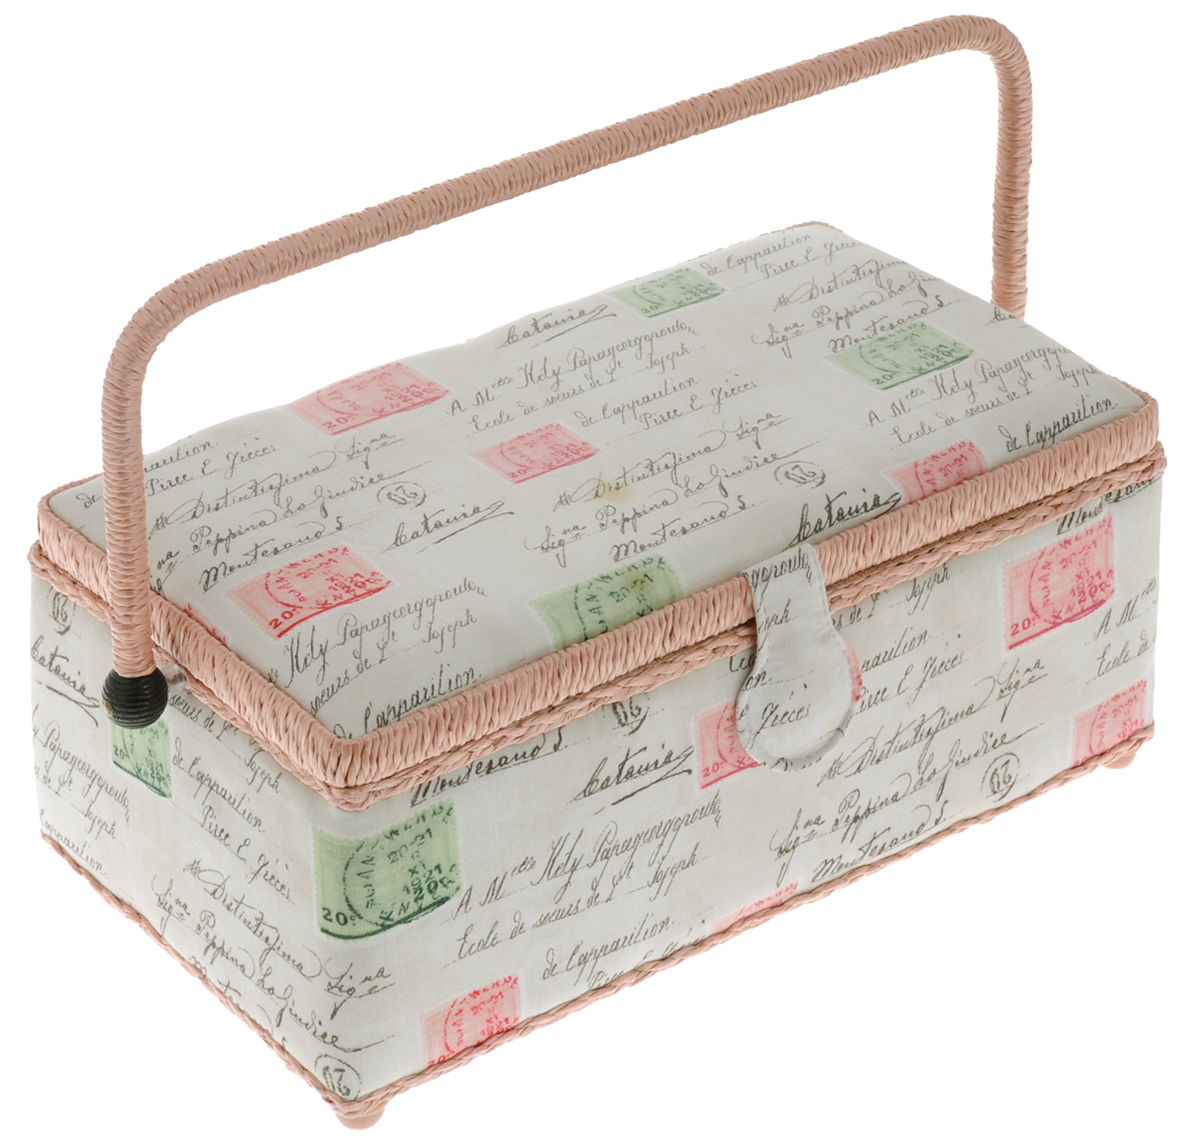 Шкатулка для рукоделия RTO Марки, 33 х 18,5 х 14 см3649-RT-59Шкатулка RTO Марки выполнена из дерева иобтянута тканьюс ярким рисунком почтовых марок и мягкимнаполнителем. Крышка закрывается на магнитный замок, дляпереноски имеетсяудобная ручка. Внутри шкатулки одновместительное отделение.Внутренняя сторона крышки оснащена кармашком на резинке и круглойигольницей.Шкатулка снабжена съемным пластиковымвкладышем с 4секциями для хранения различных мелочей и 4пластиковыминожками. Такая оригинальная шкатулка подойдет для храненияразныхпредметов рукоделия: ниток, иголок, бусин, кнопок и многого другого.ШкатулкаRTOМарки будет предметом гордости ее обладательницы. Размер вкладыша: 28 х 14 х 4 см. Средний размер секций вкладыша: 7,5 х 6,5 х 2,5см. Высота шкатулки (с учетом ручки): 24 см.